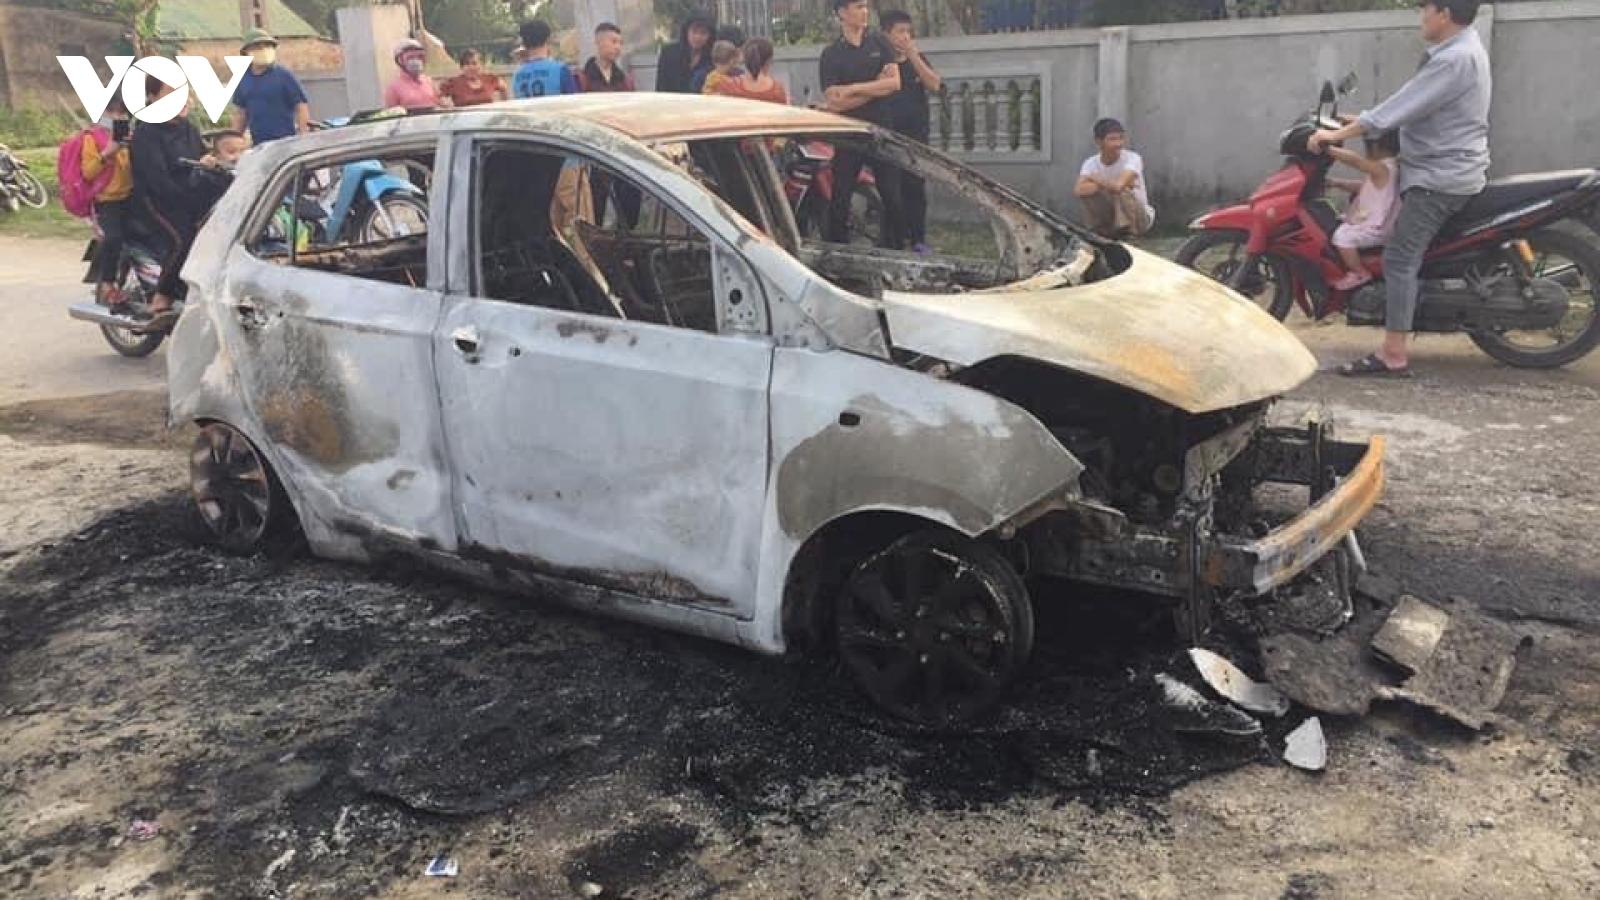 Lái xe ôm giấy tờ thoát ra khỏi chiếc ô tô bốc cháy dữ dội